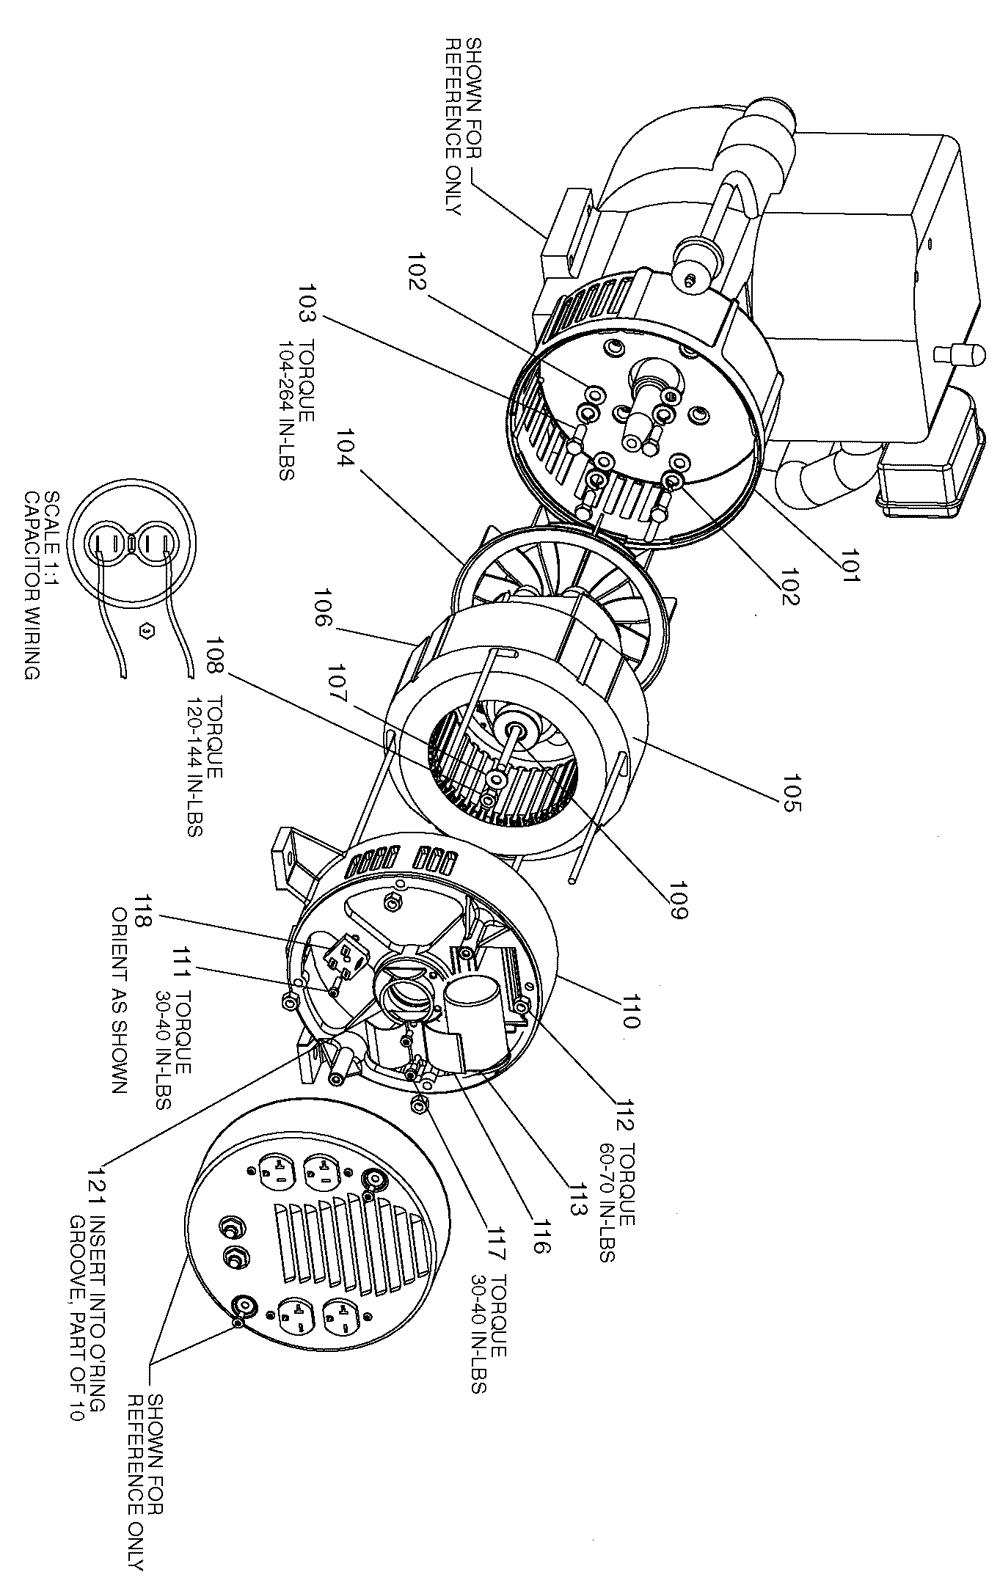 BSV750-W-Portercable-PB-2Break Down